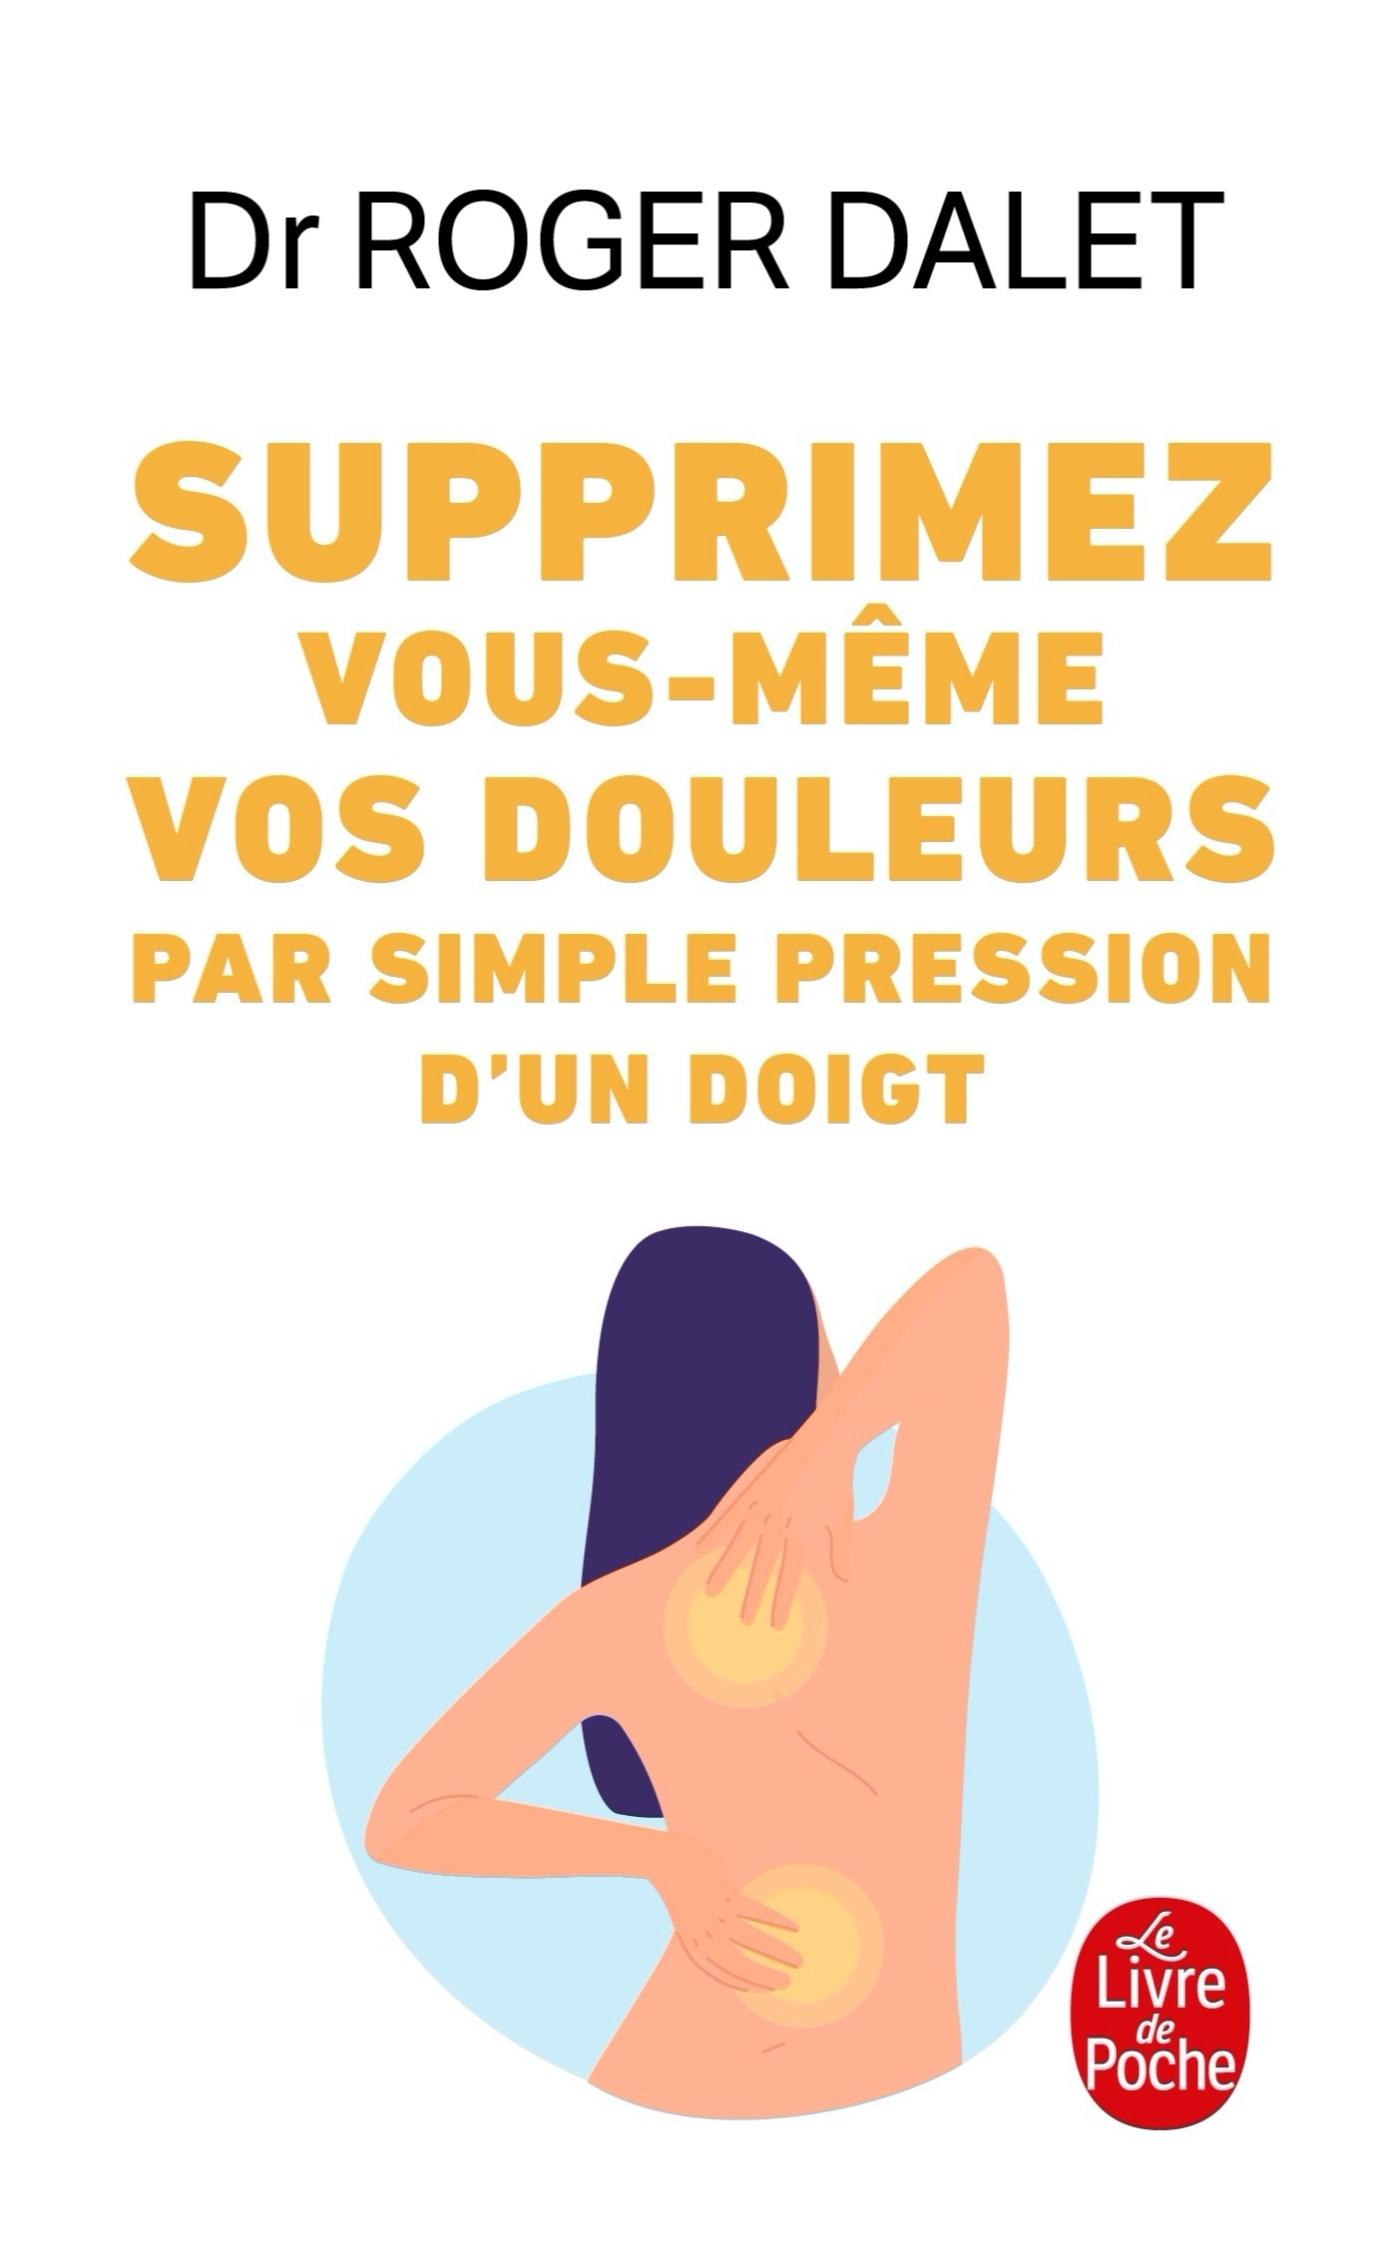 SUPPRIMEZ VOS DOULEURS PAR SIMPLE PRESSION DES DOIGTS